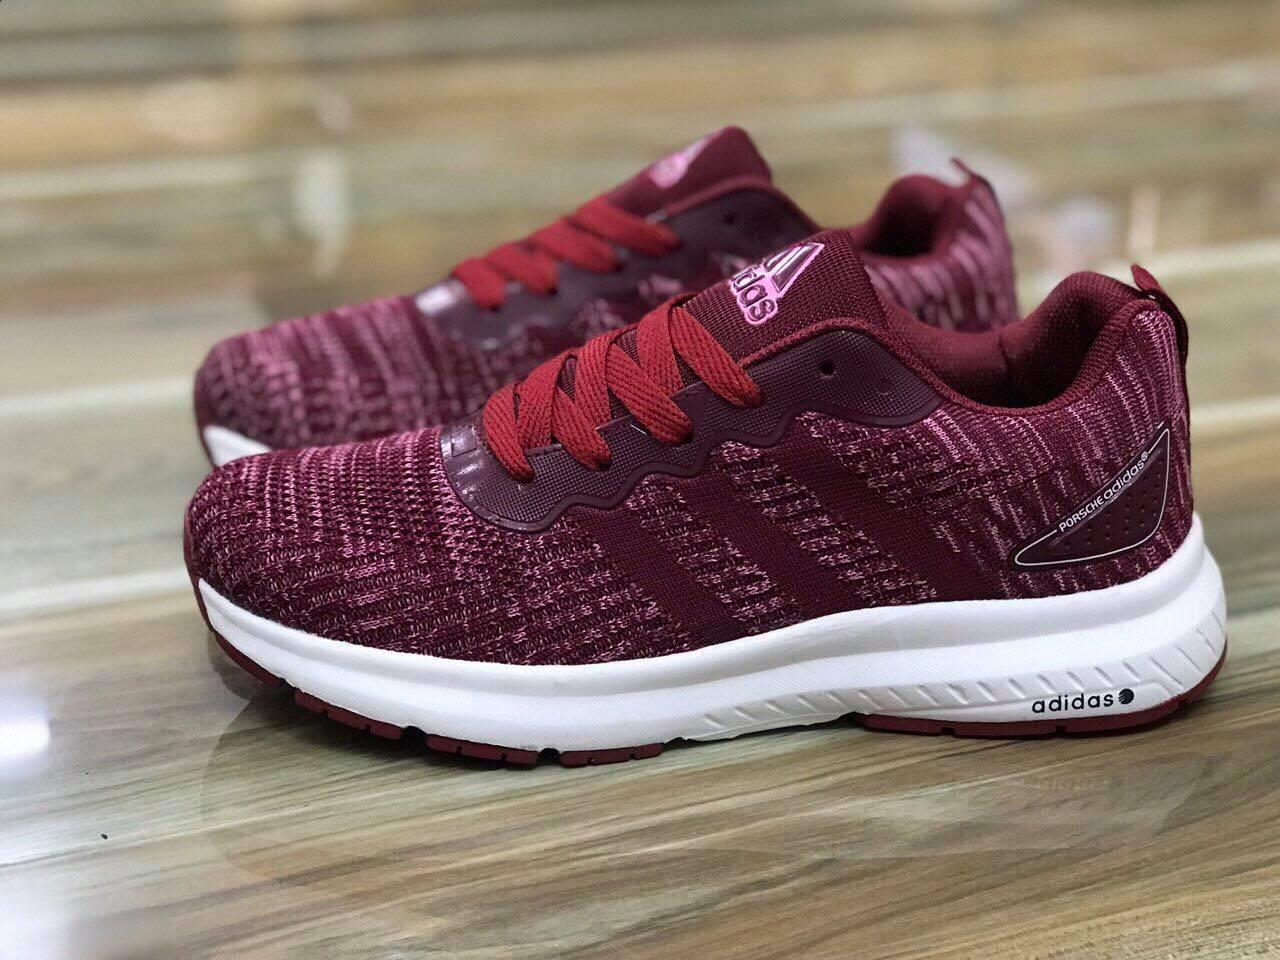 Giày Adidas đỏ mận đế trắng